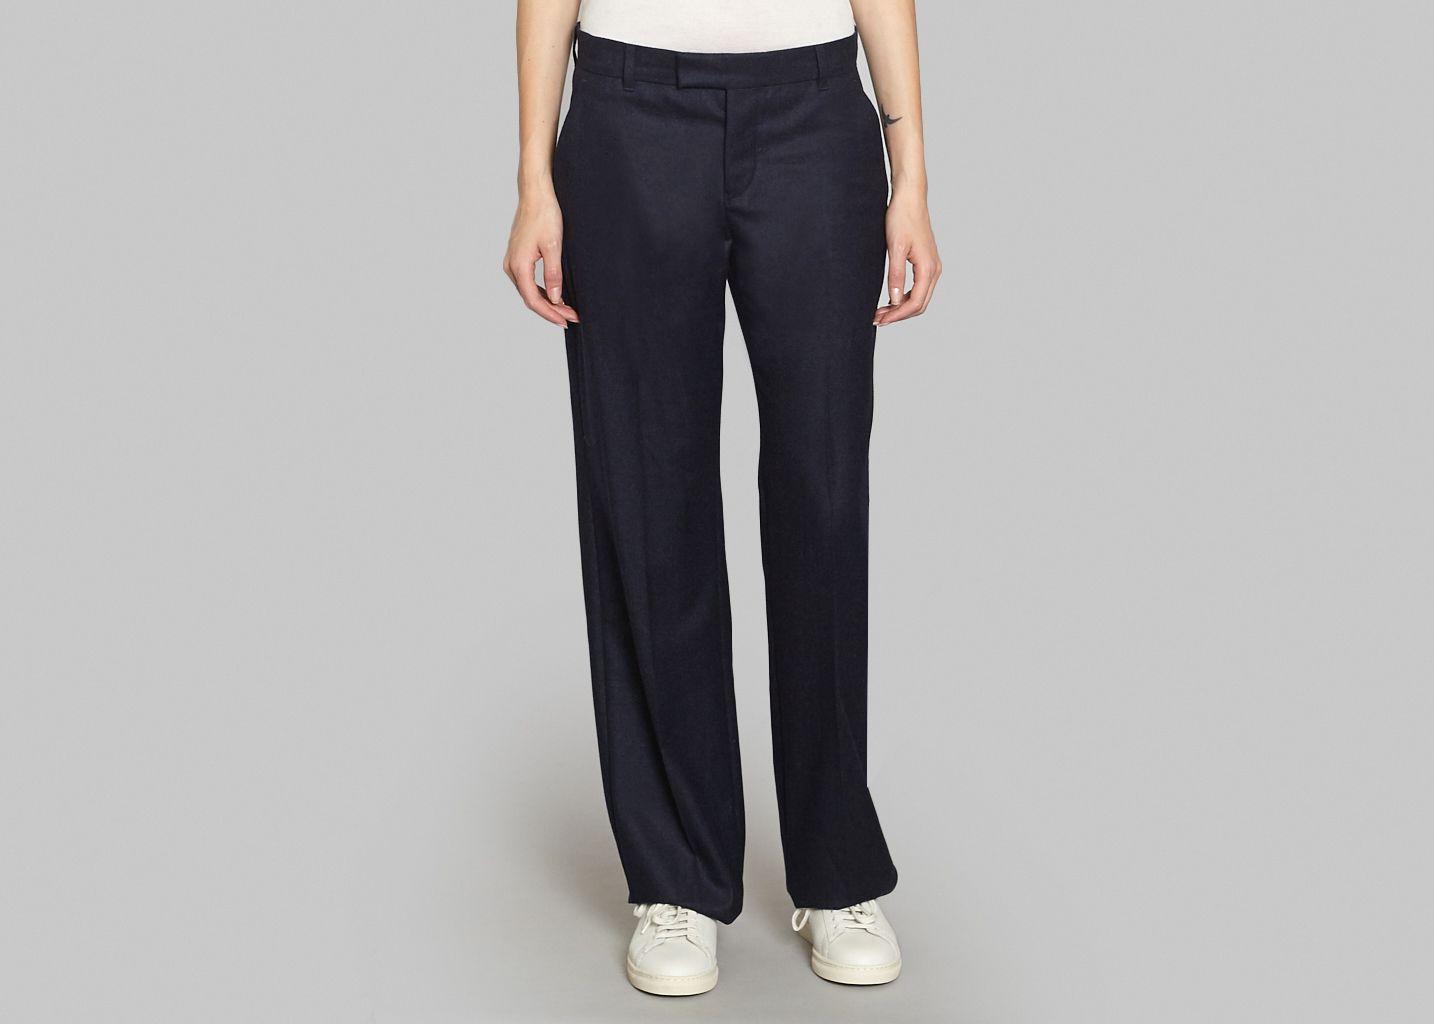 Maison KitsunéL'exception Bleu Pantalon Masculin Marine 8wnP0kXO